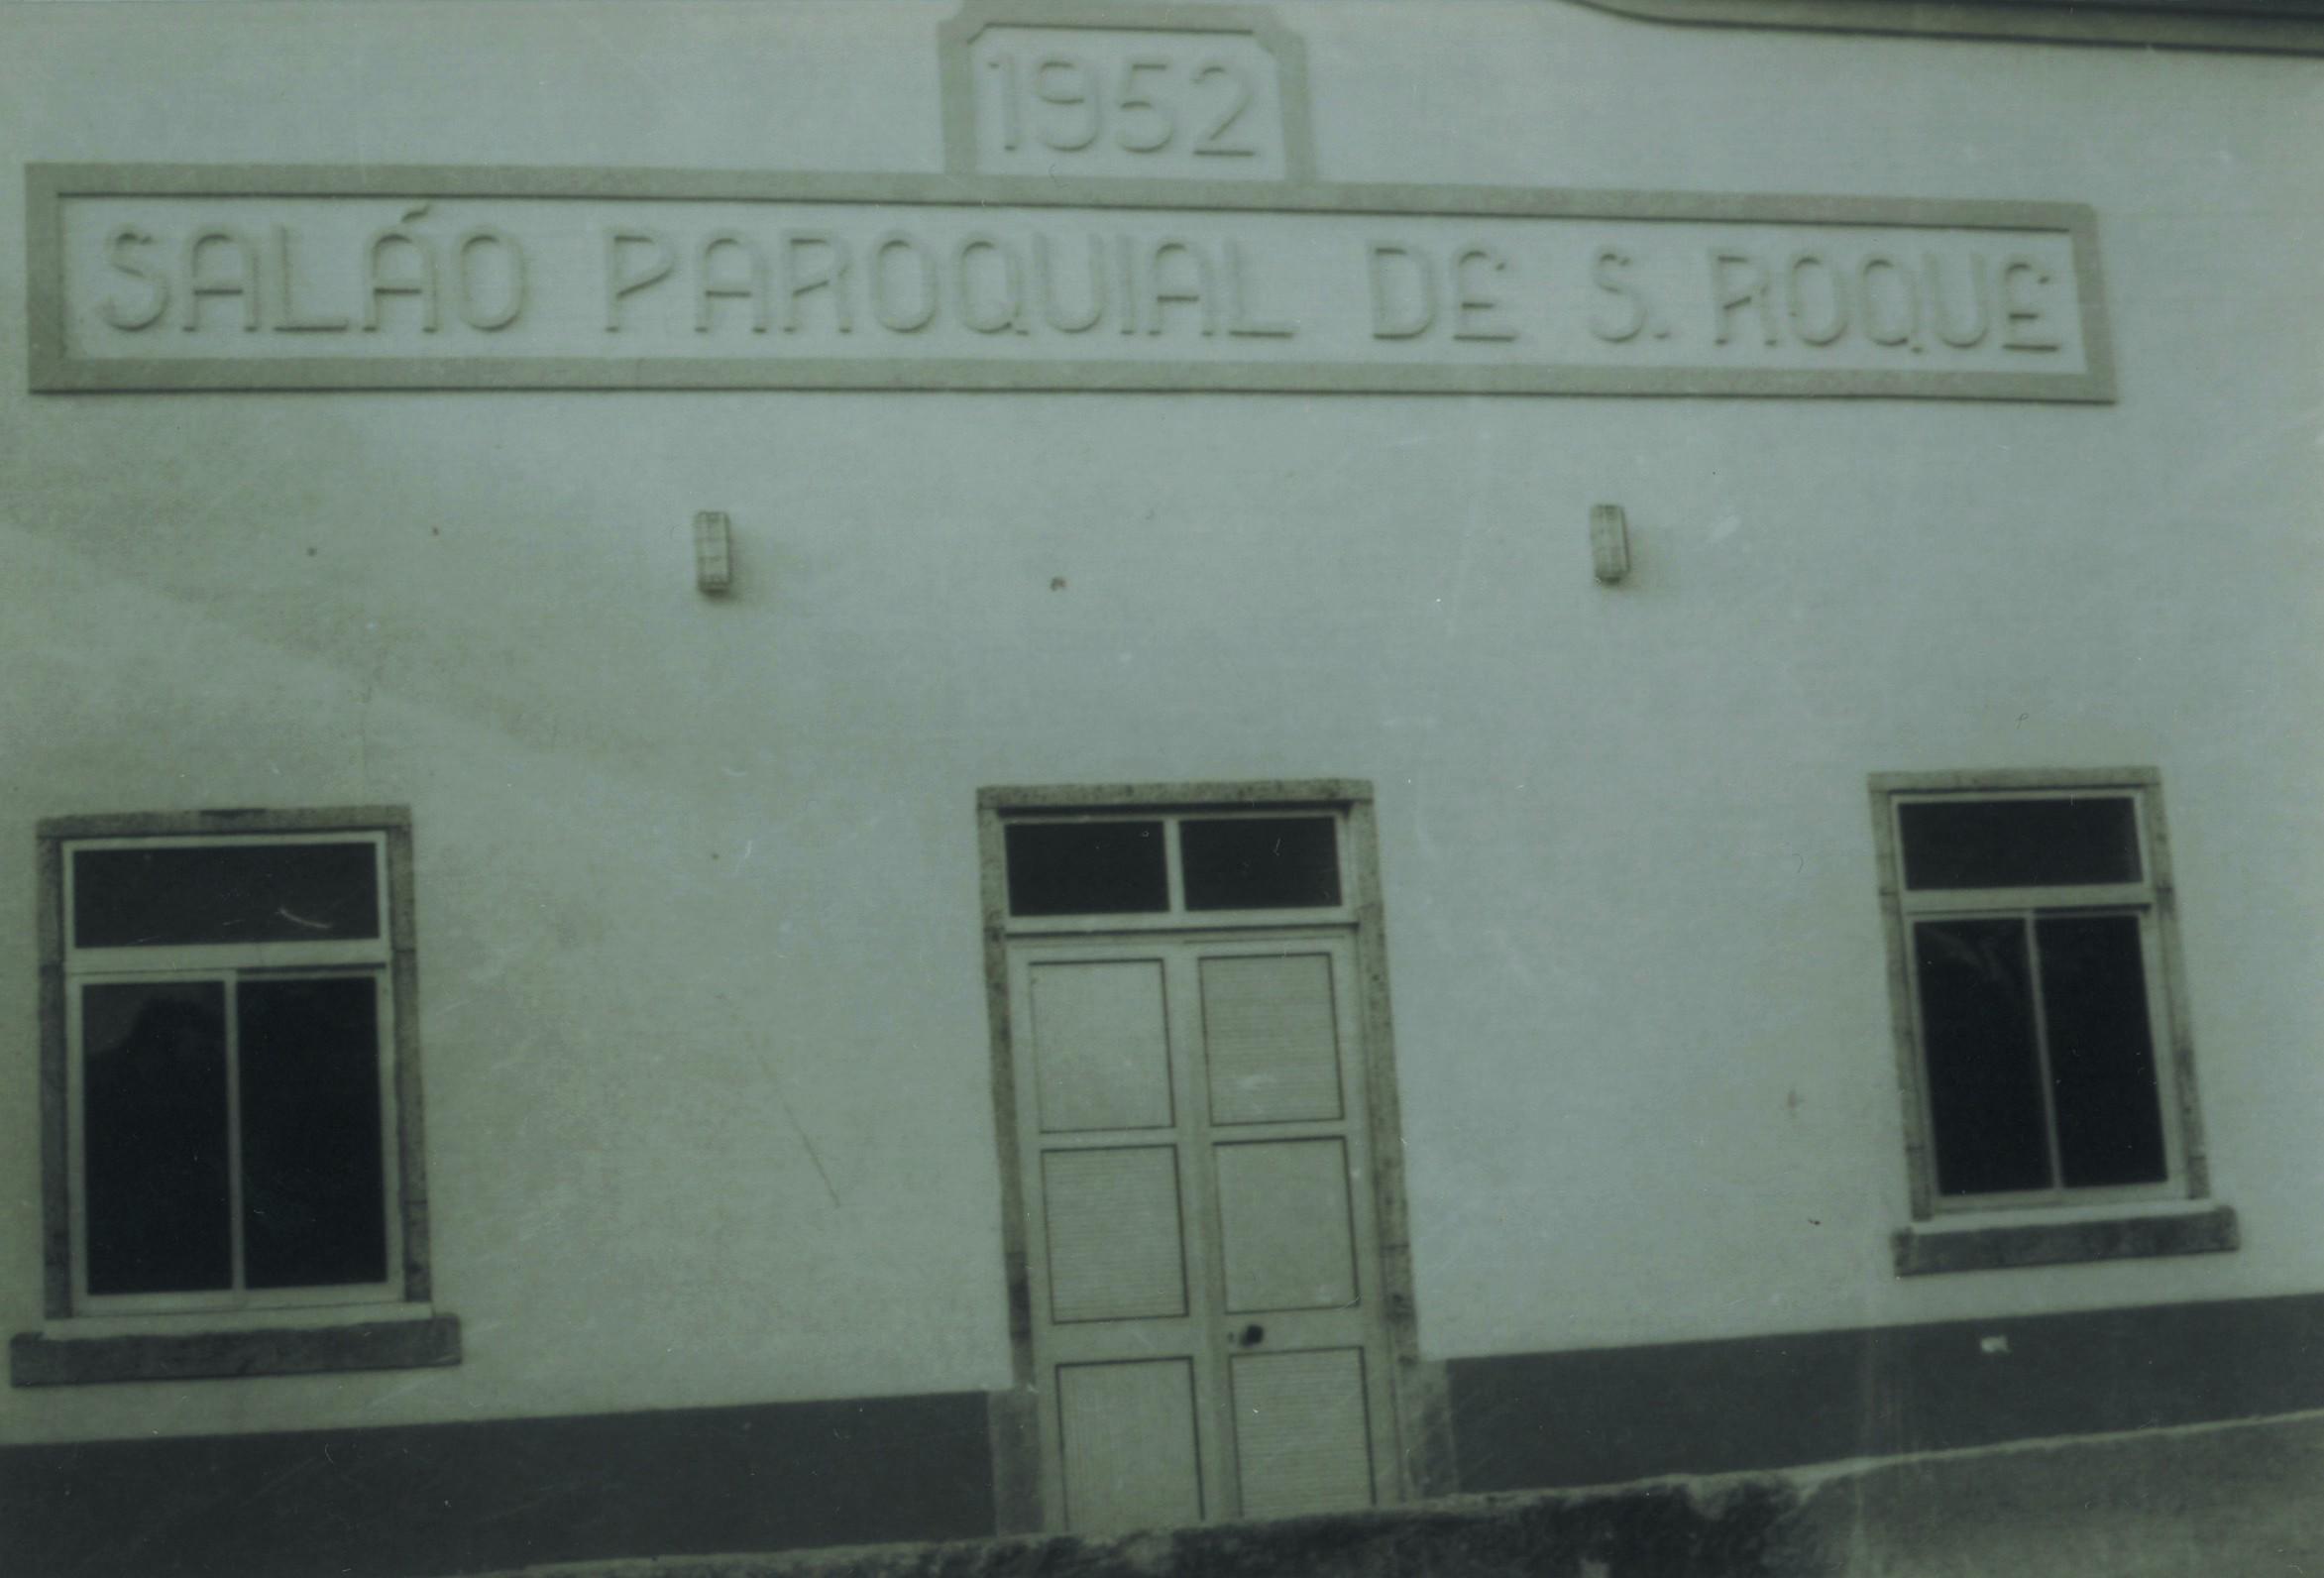 Salão paroquial de S. Roque (Anos 80)